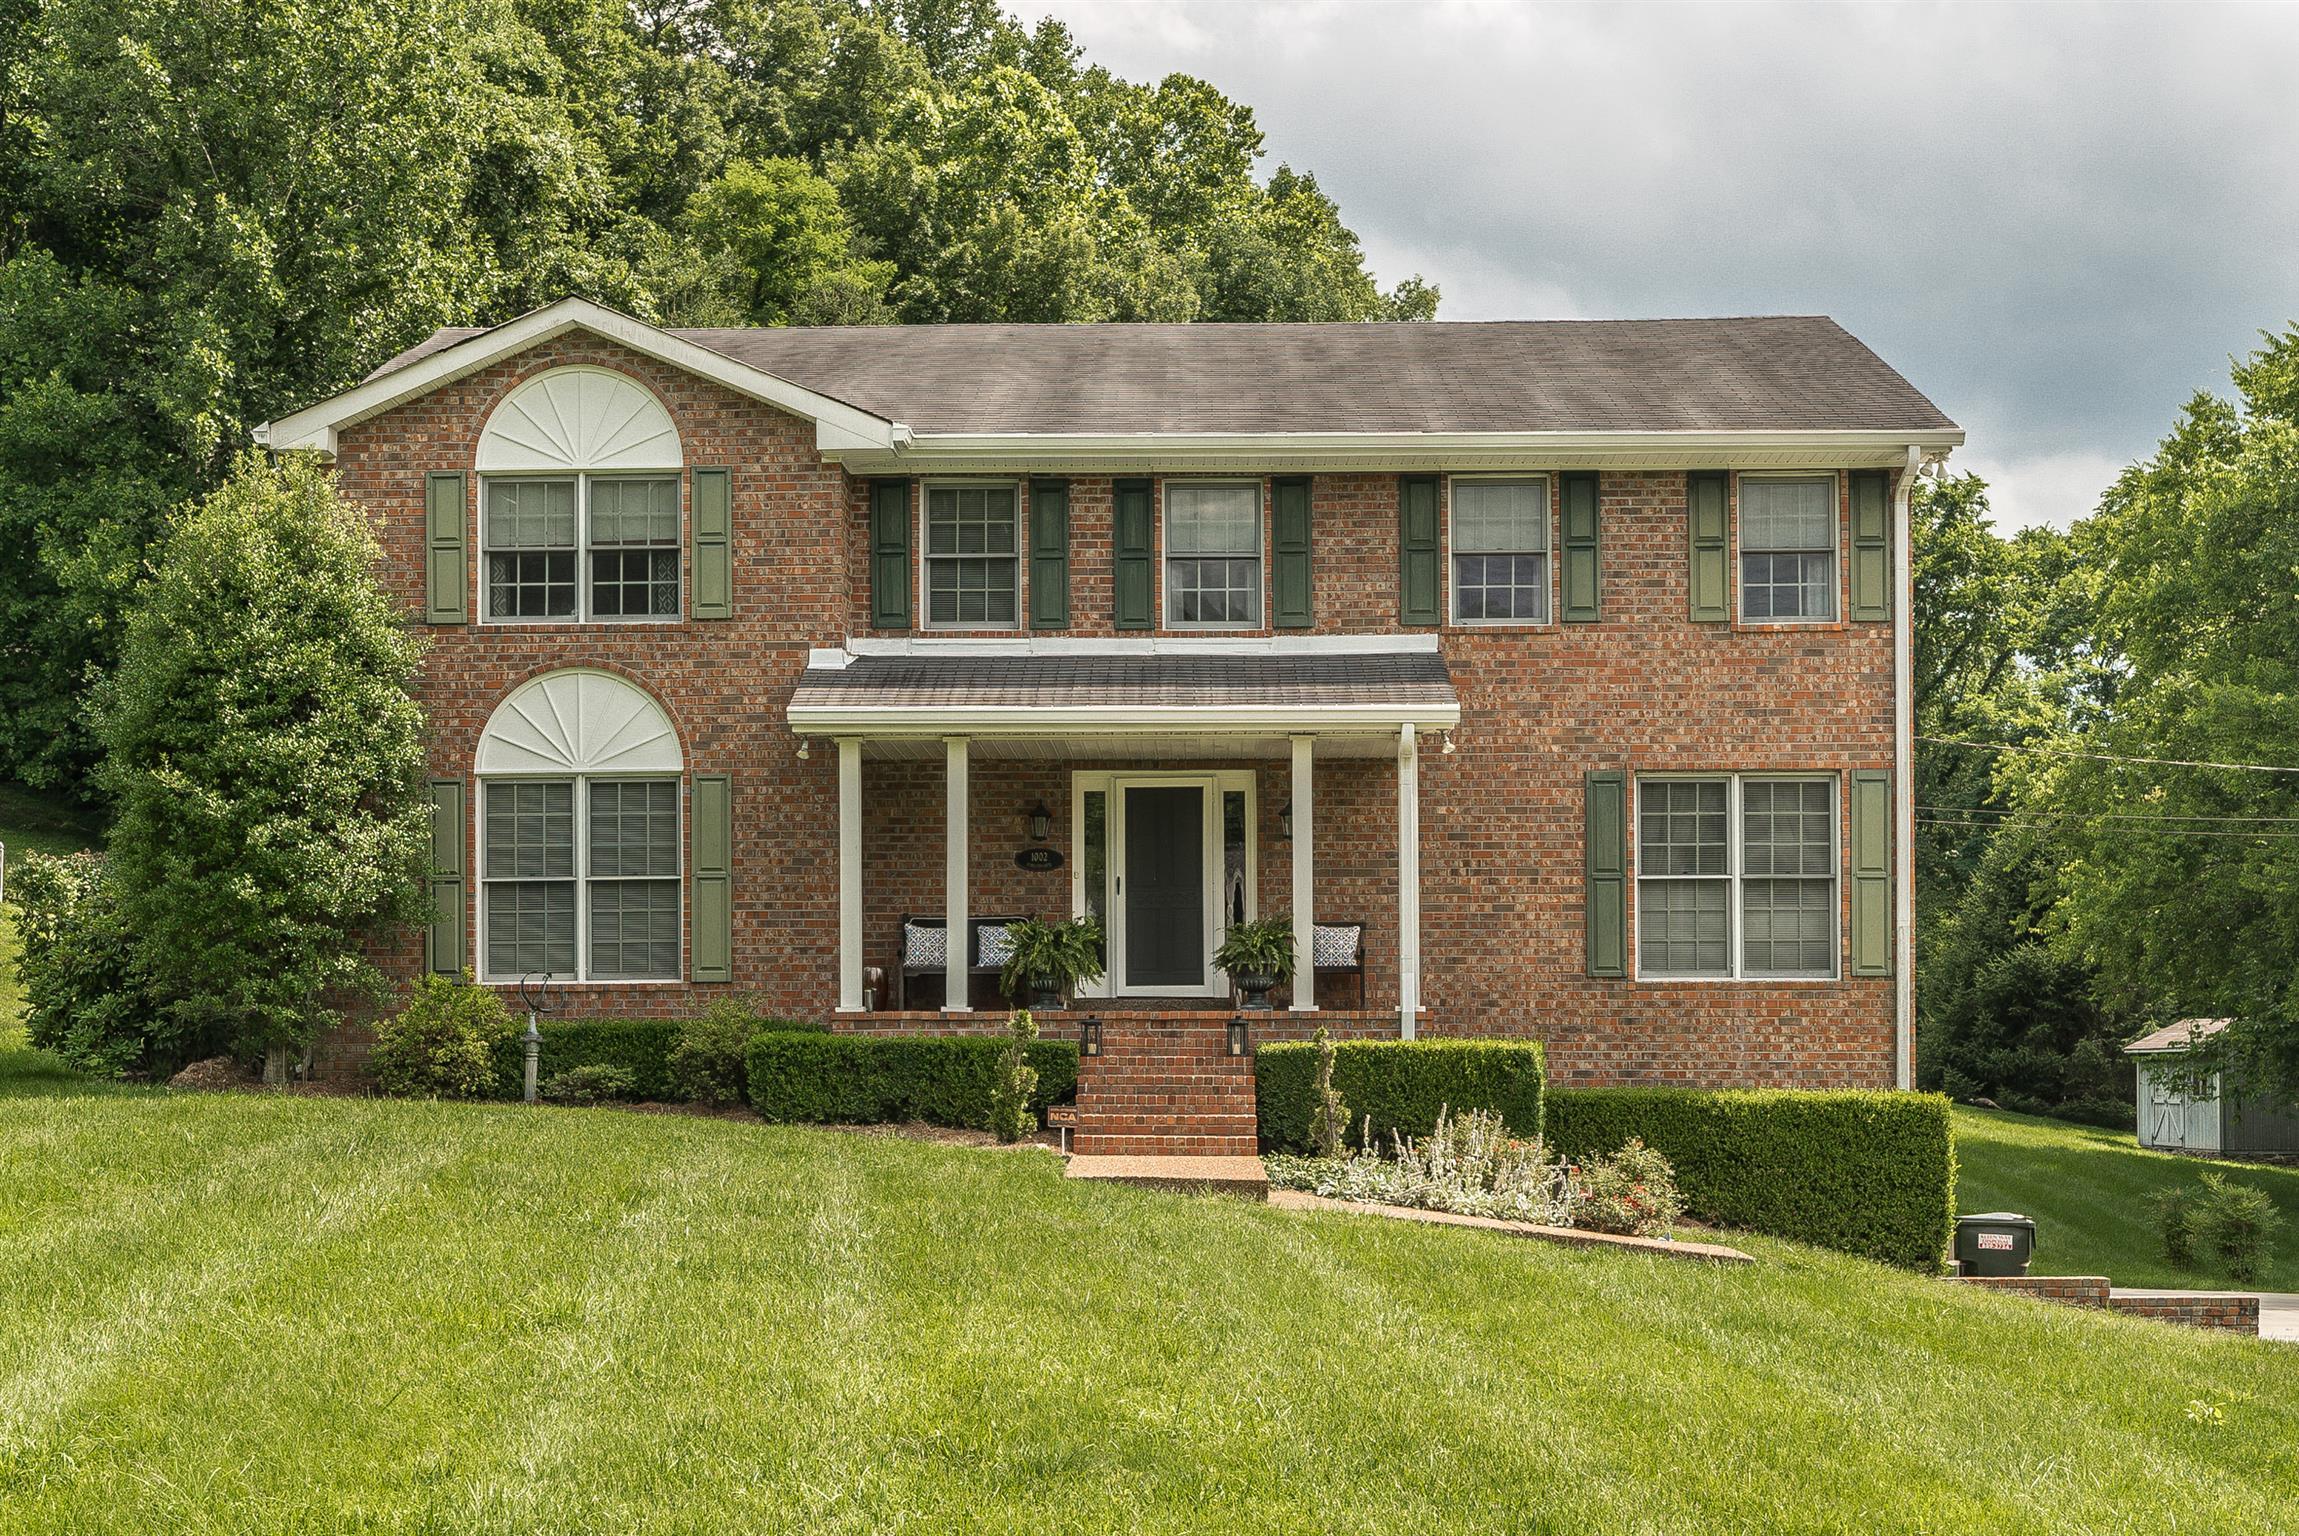 1002 Forestpointe, Hendersonville, TN 37075 - Hendersonville, TN real estate listing